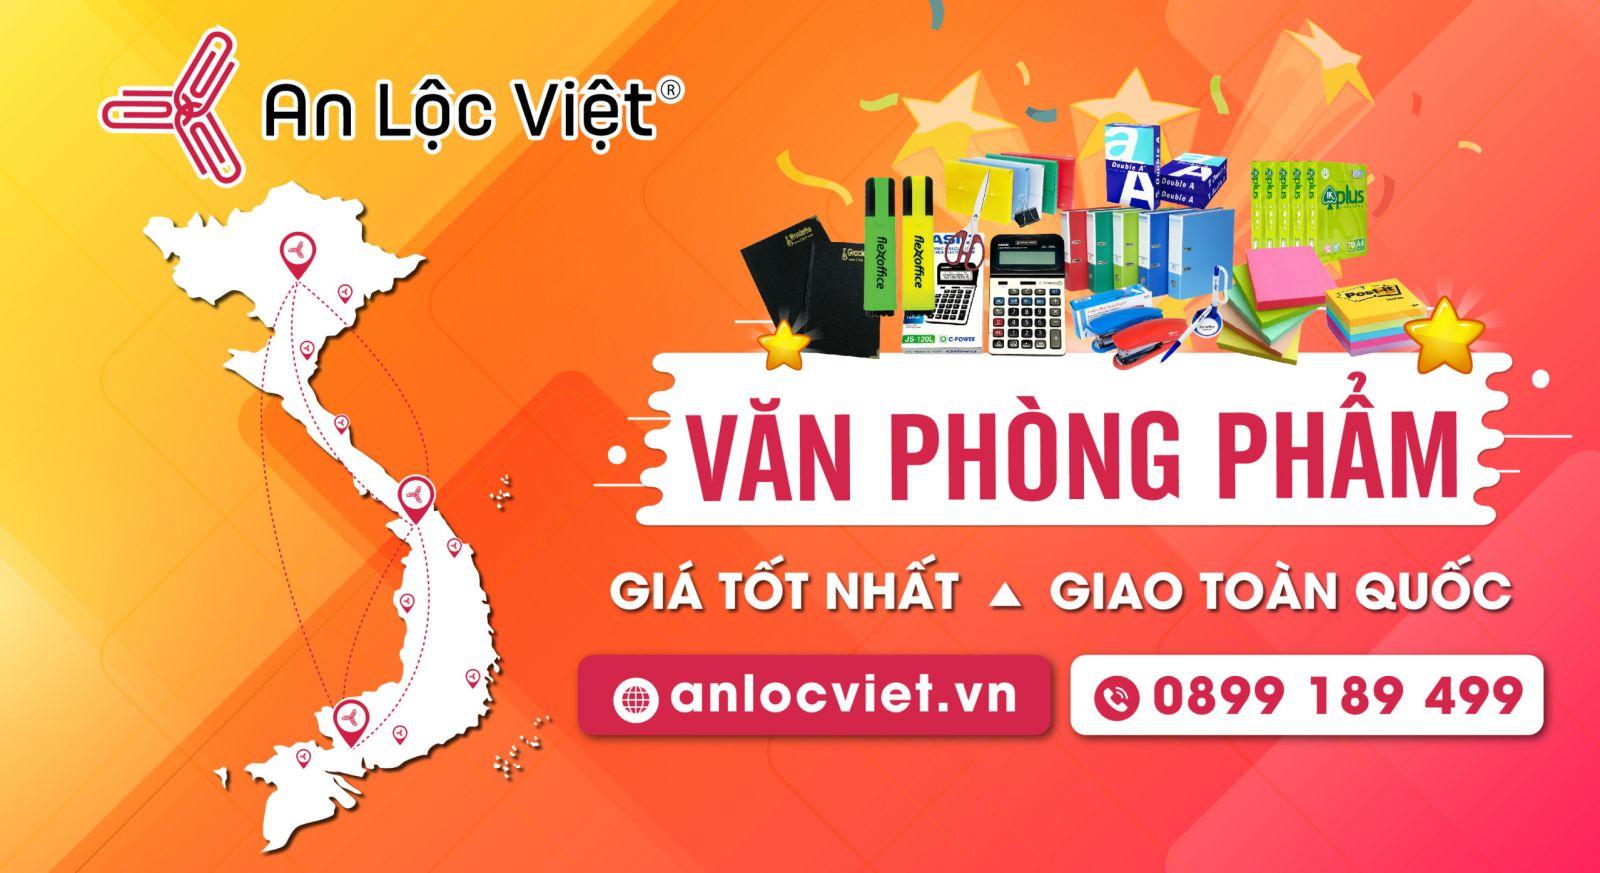 Mua văn phòng phẩm tại Hà Nội đến ngay An Lộc Việt